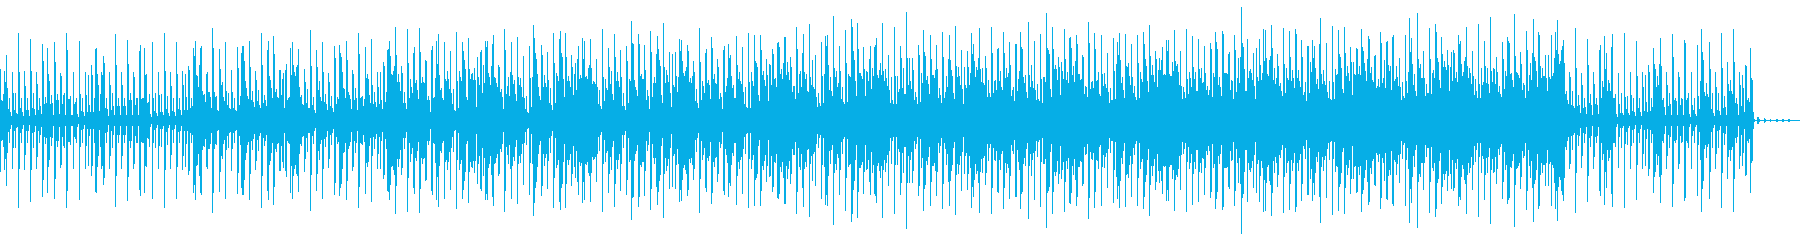 切ない 戦闘 4つ打ち BGMの再生済みの波形